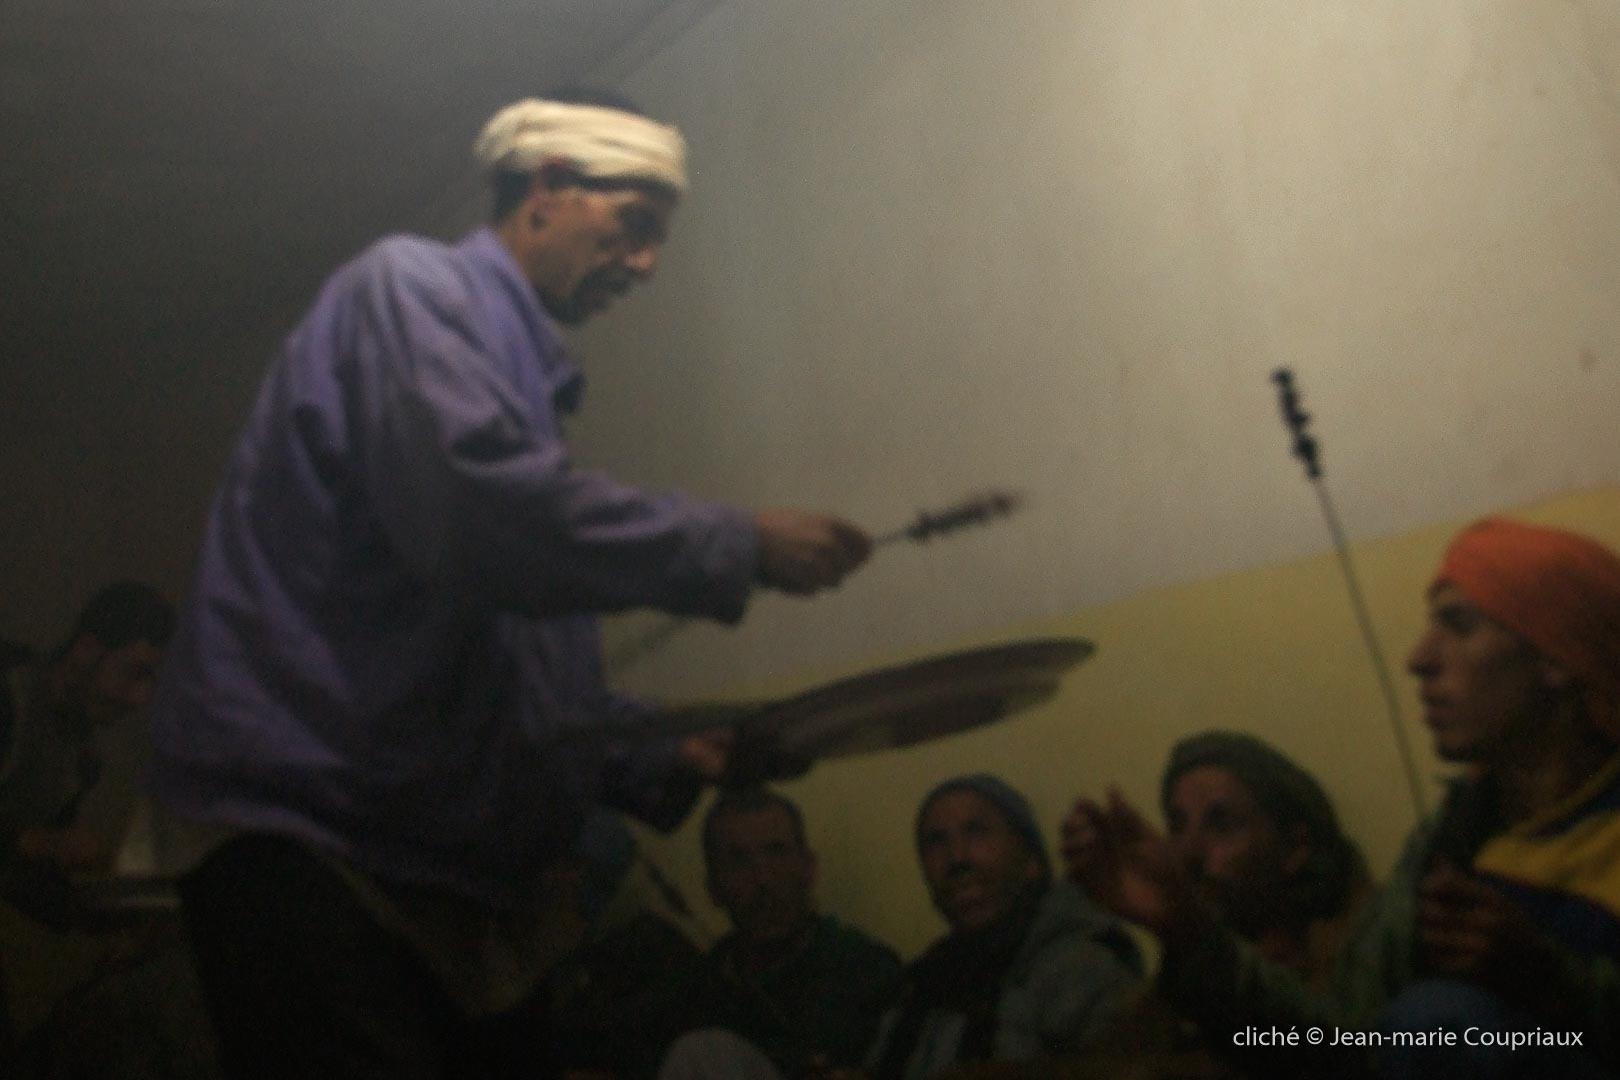 469-Maroc-2002a2013